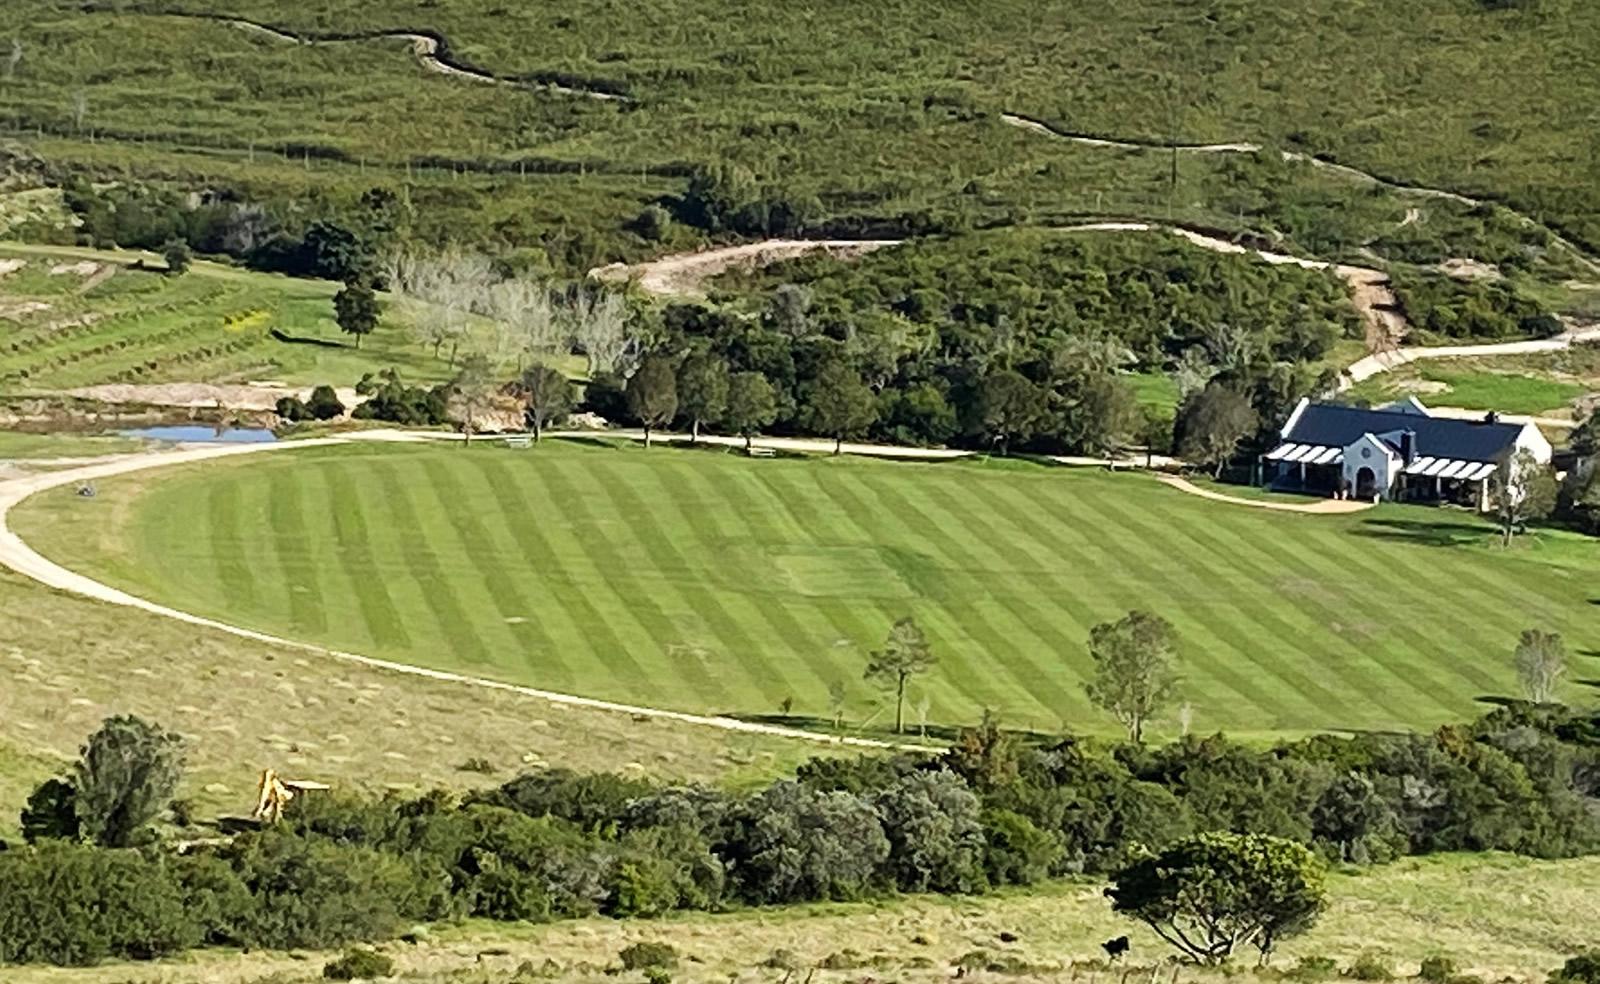 Ashford Cricket Oval in Plettenberg Bay - Cricket pitch in Plett